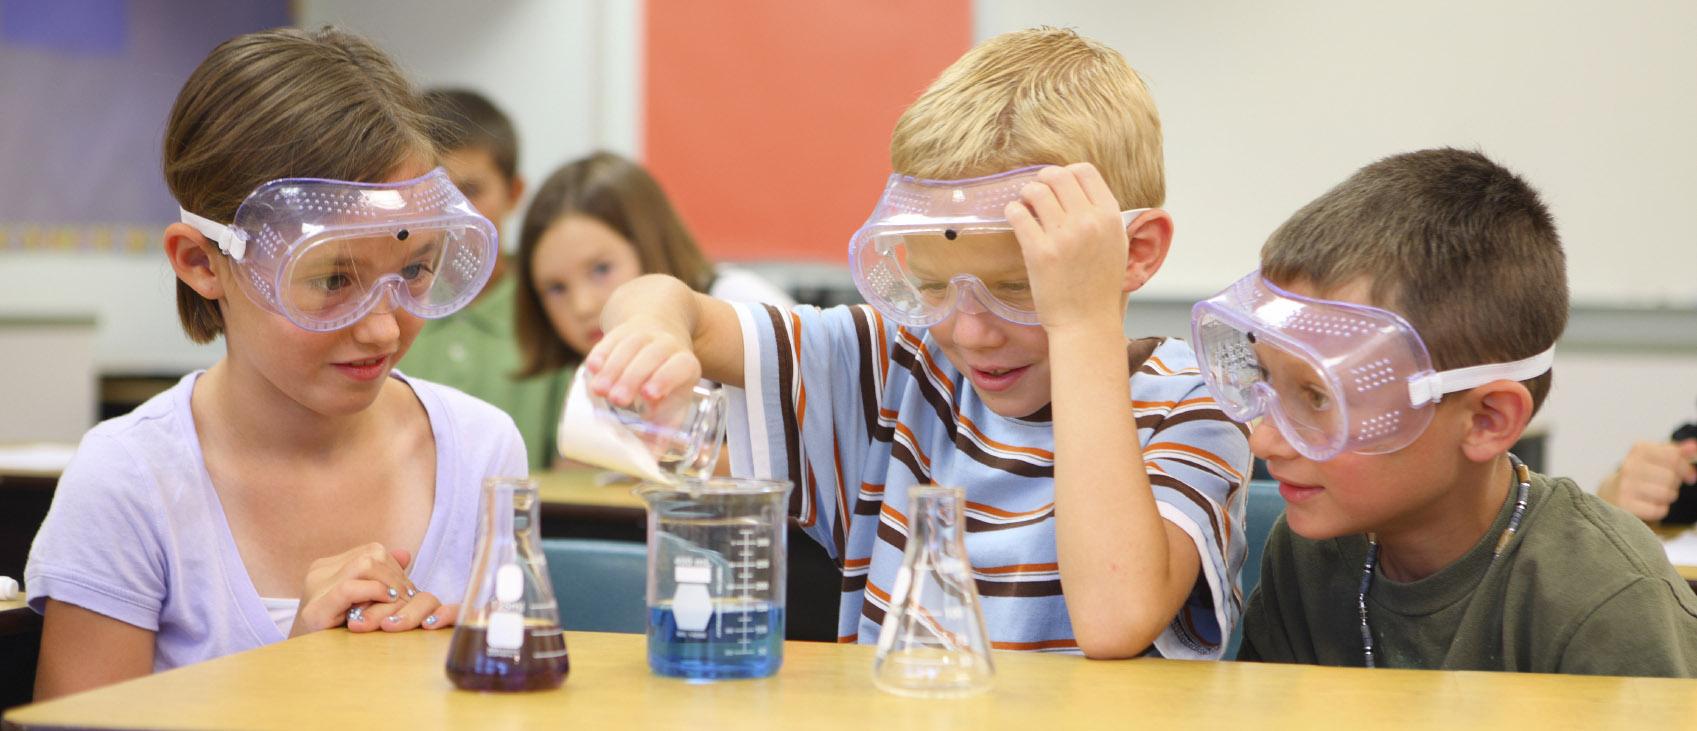 kids_science.jpg